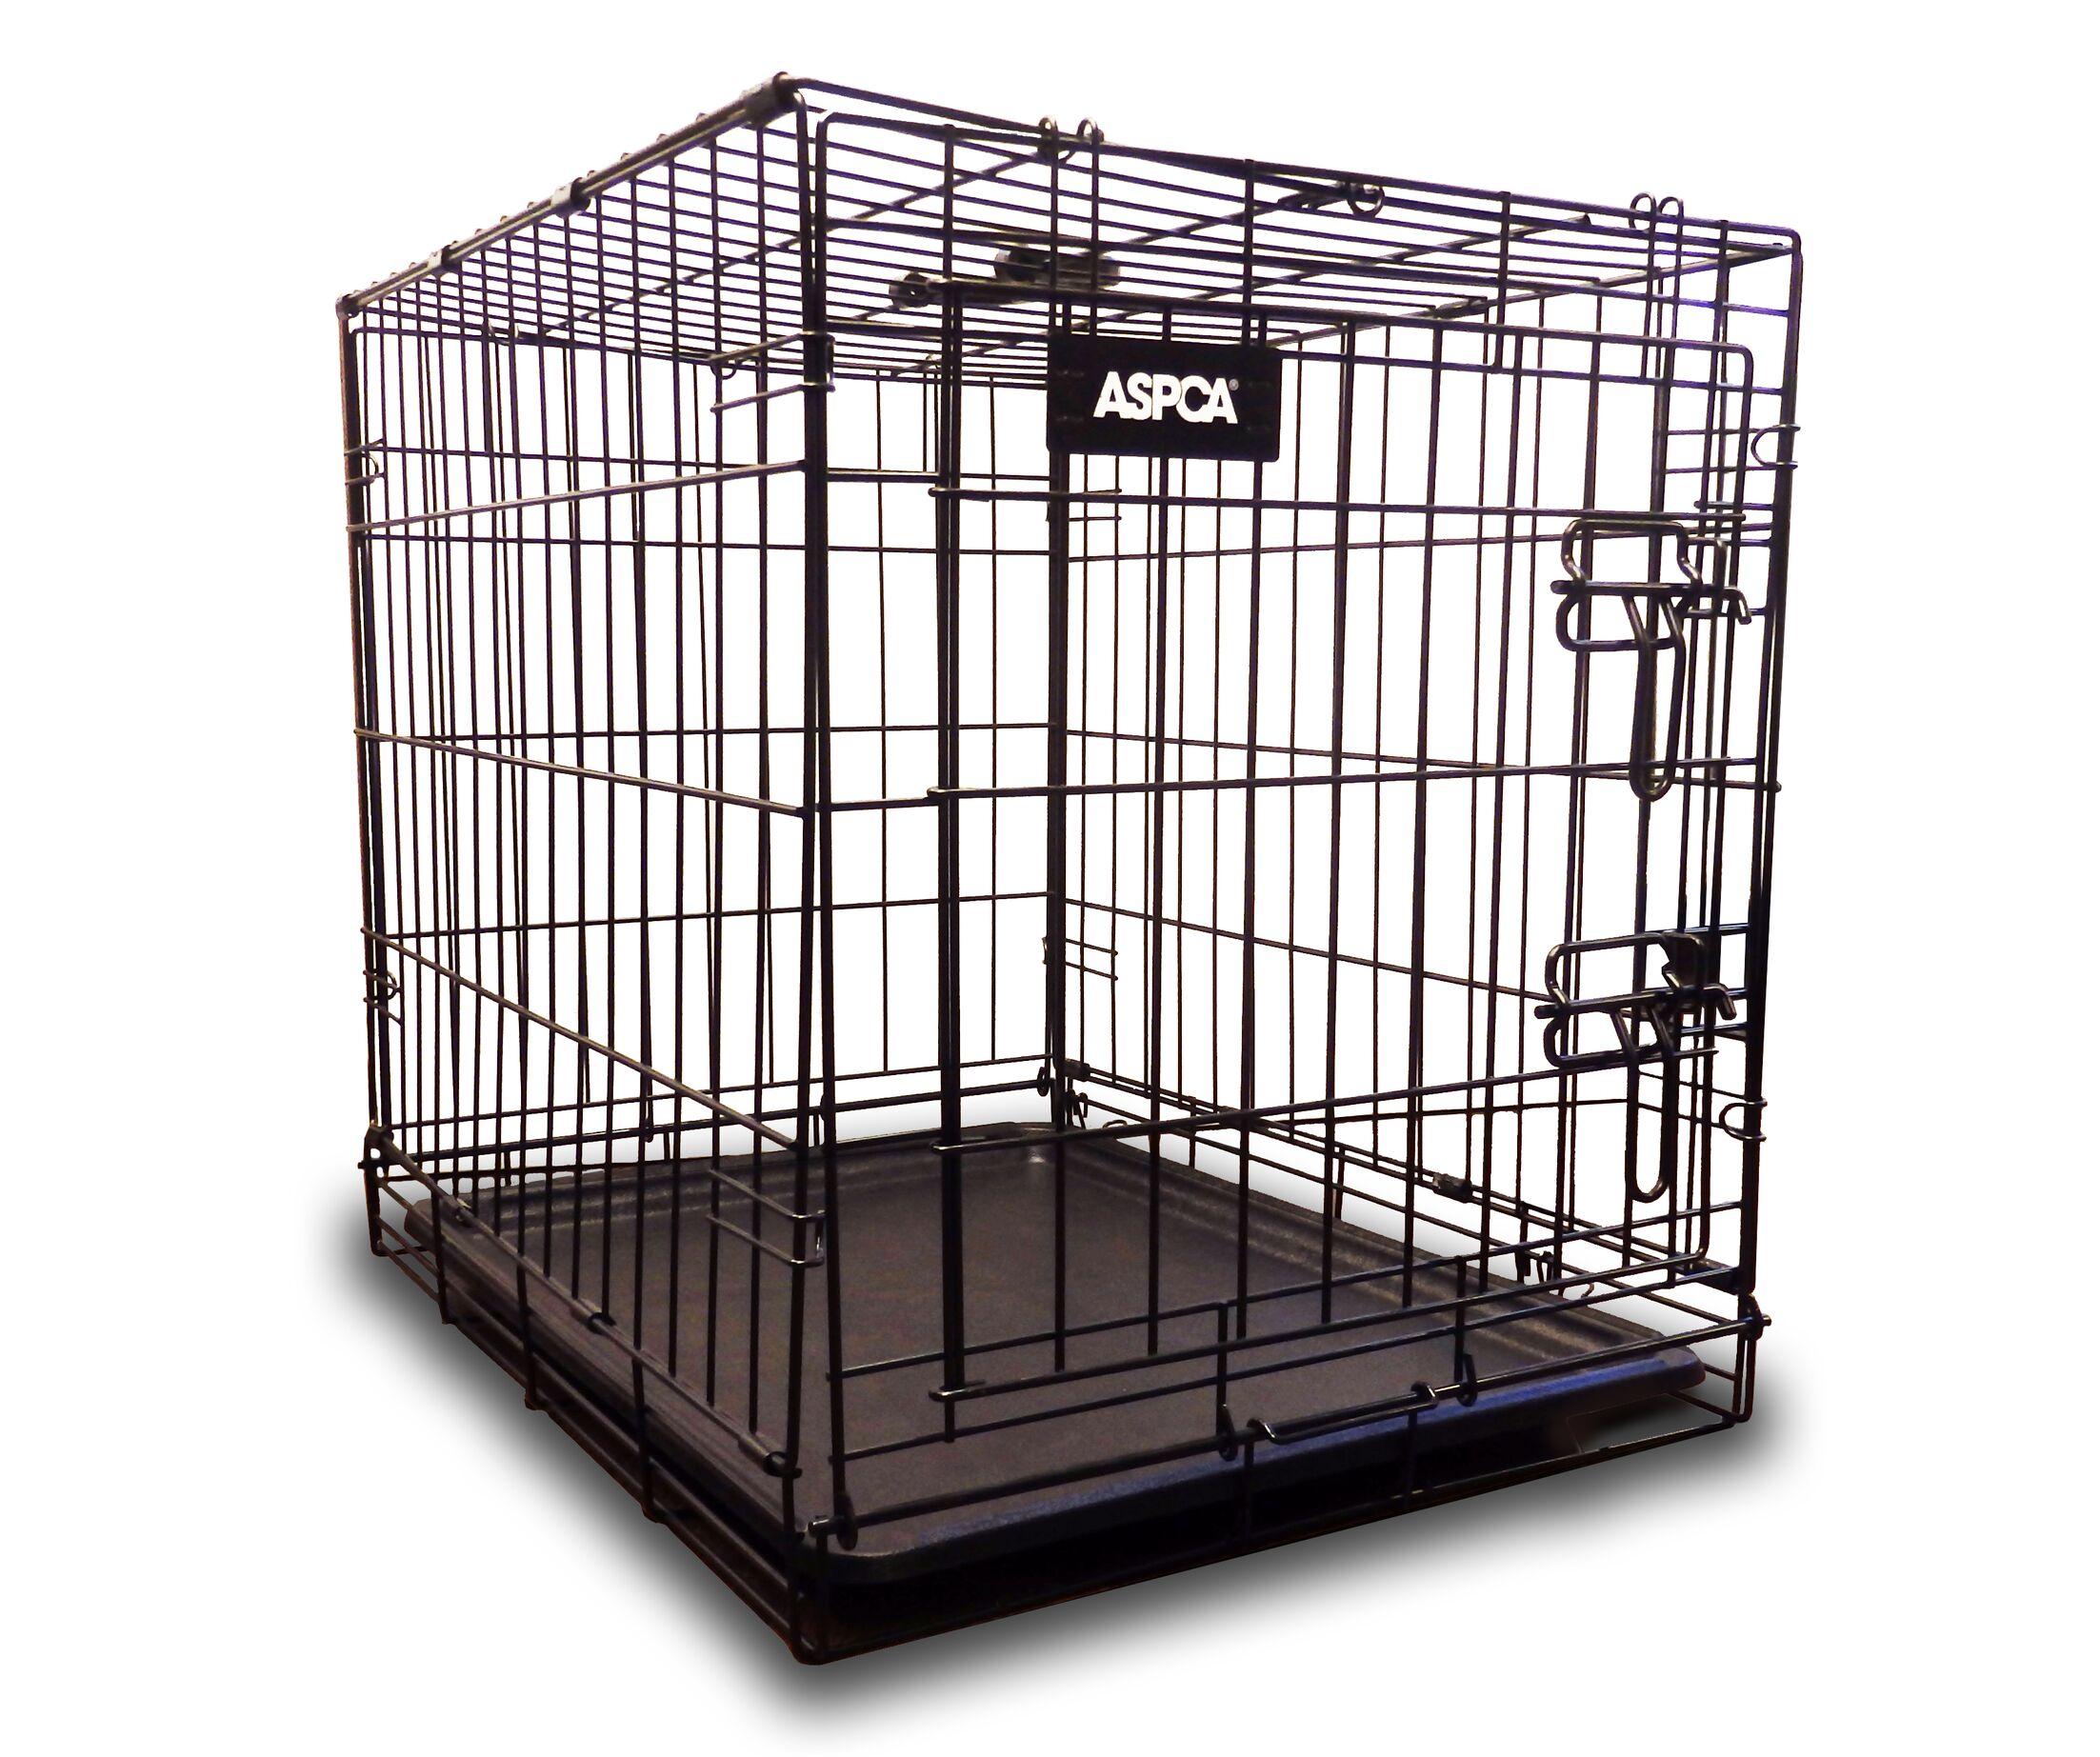 Travel Pet Crate Size: Medium